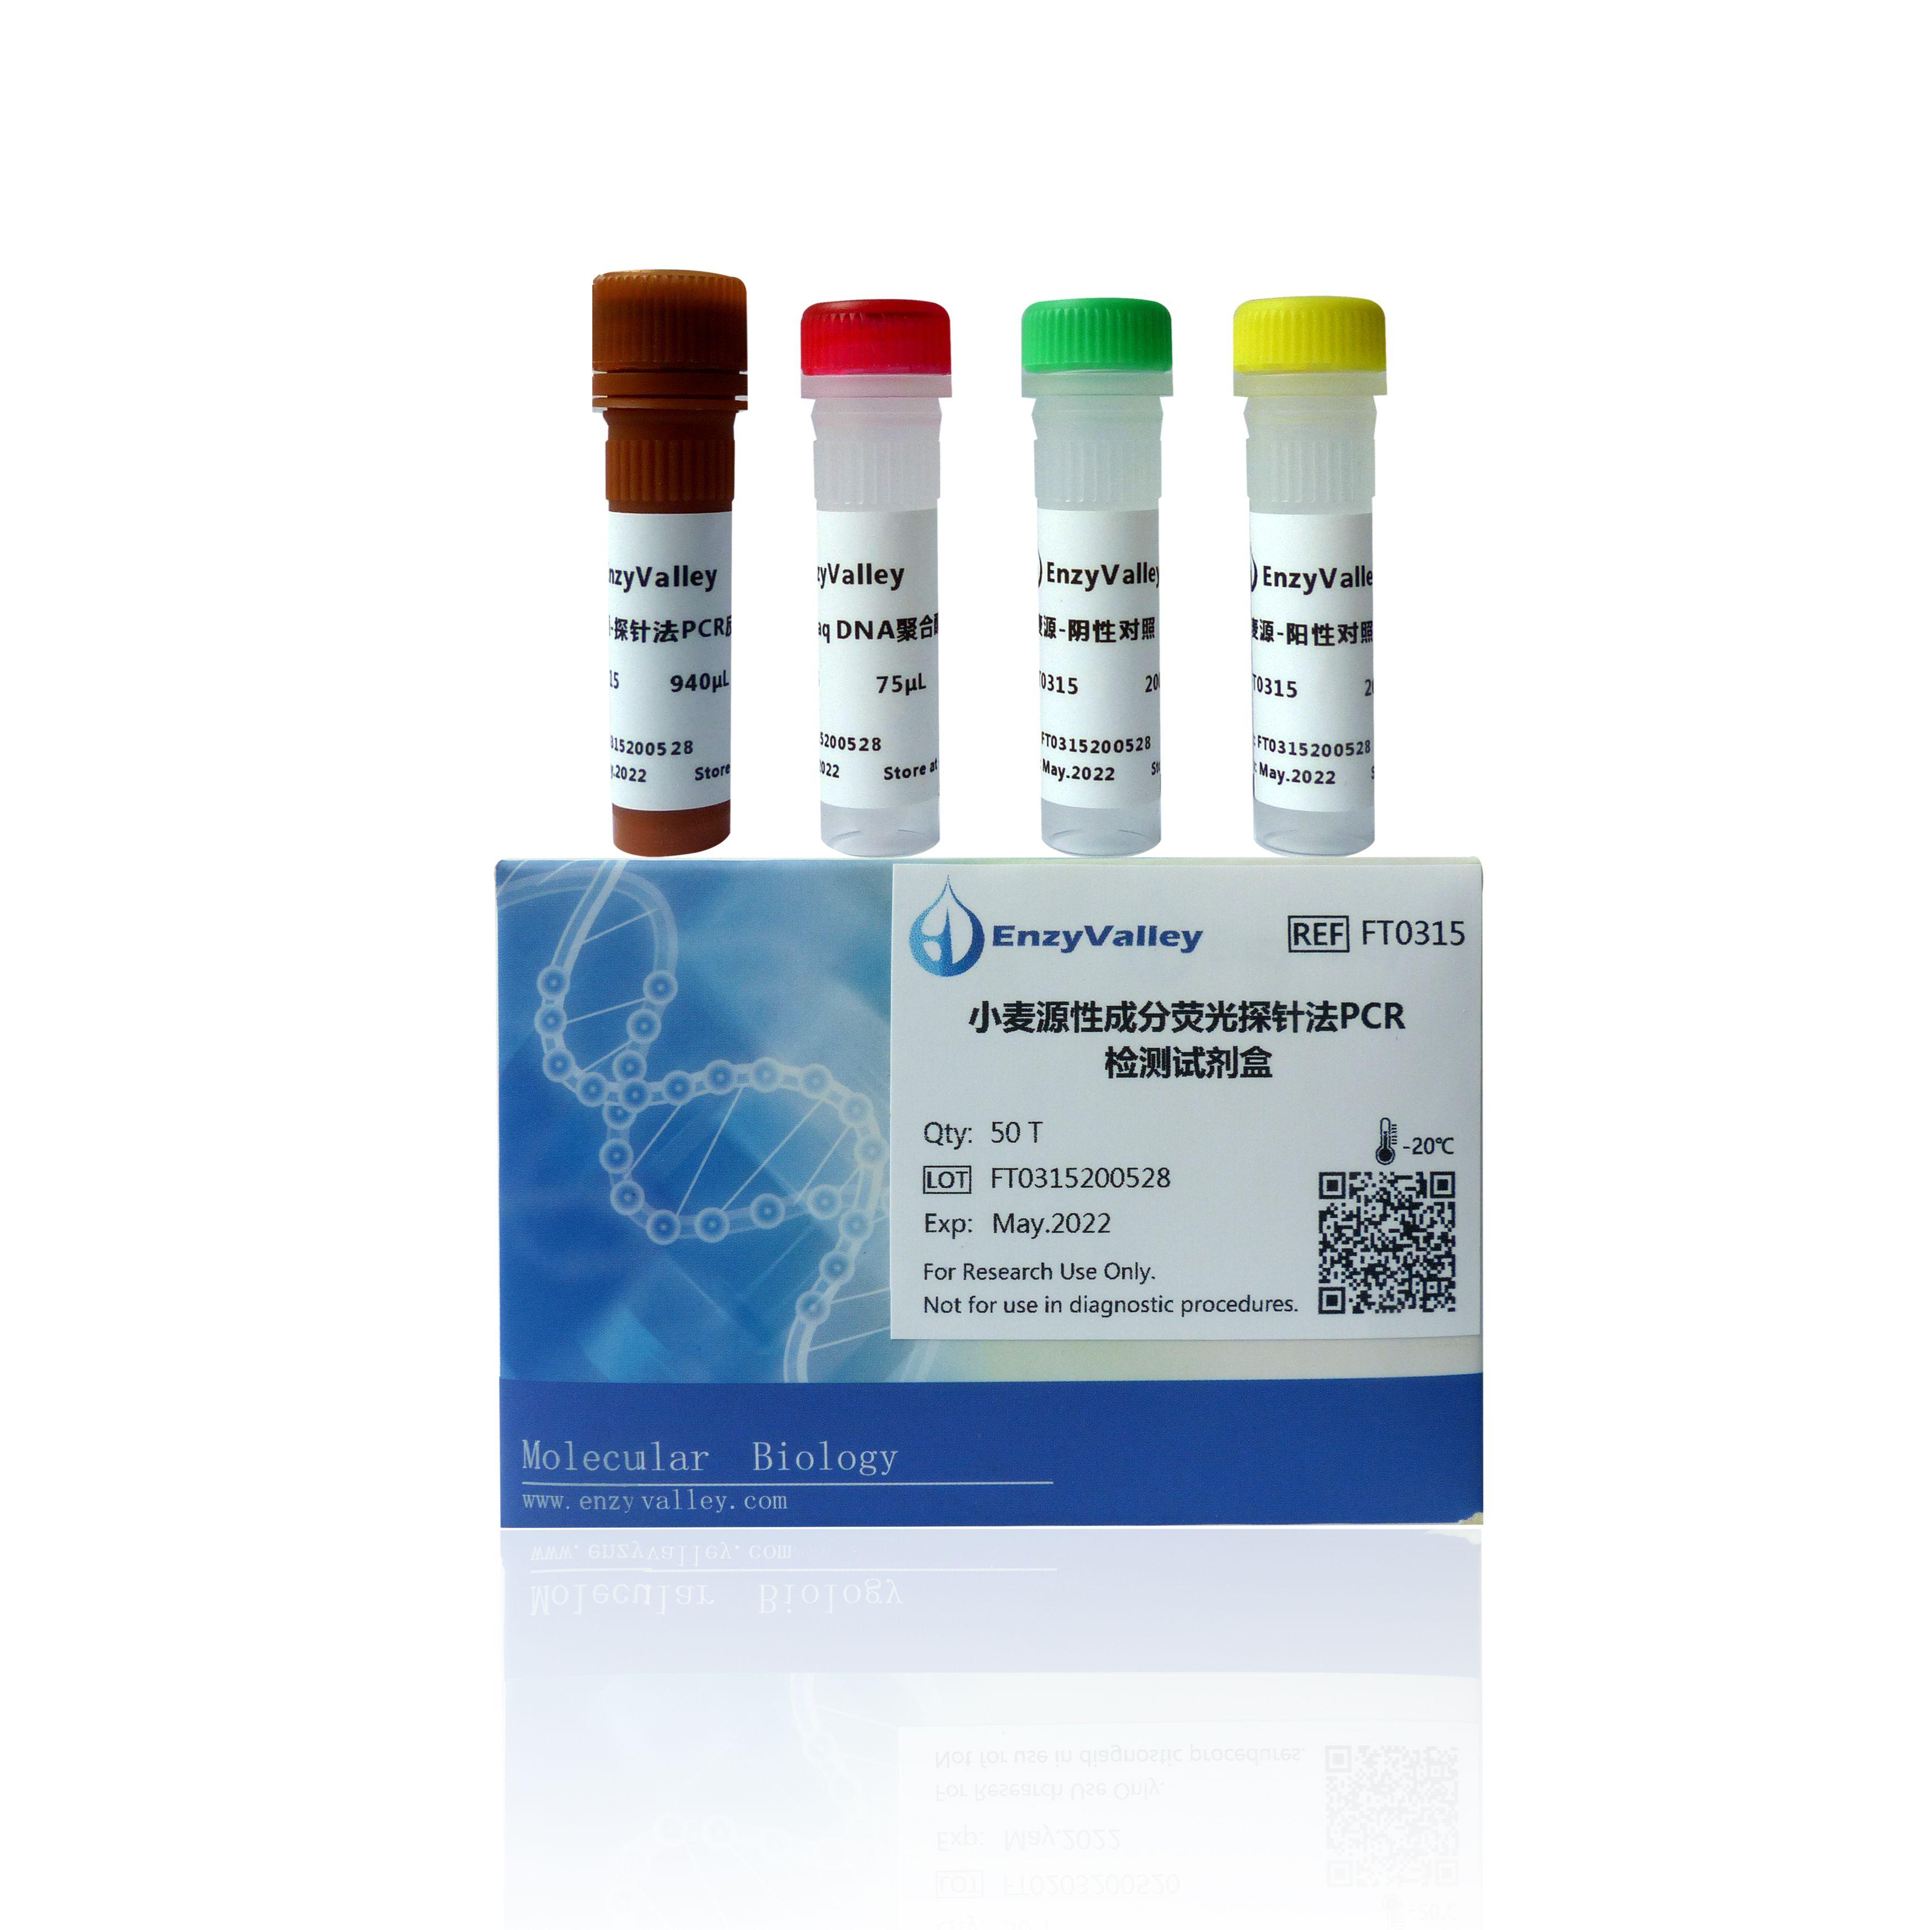 小麦源性成分荧光探针法PCR检测试剂盒